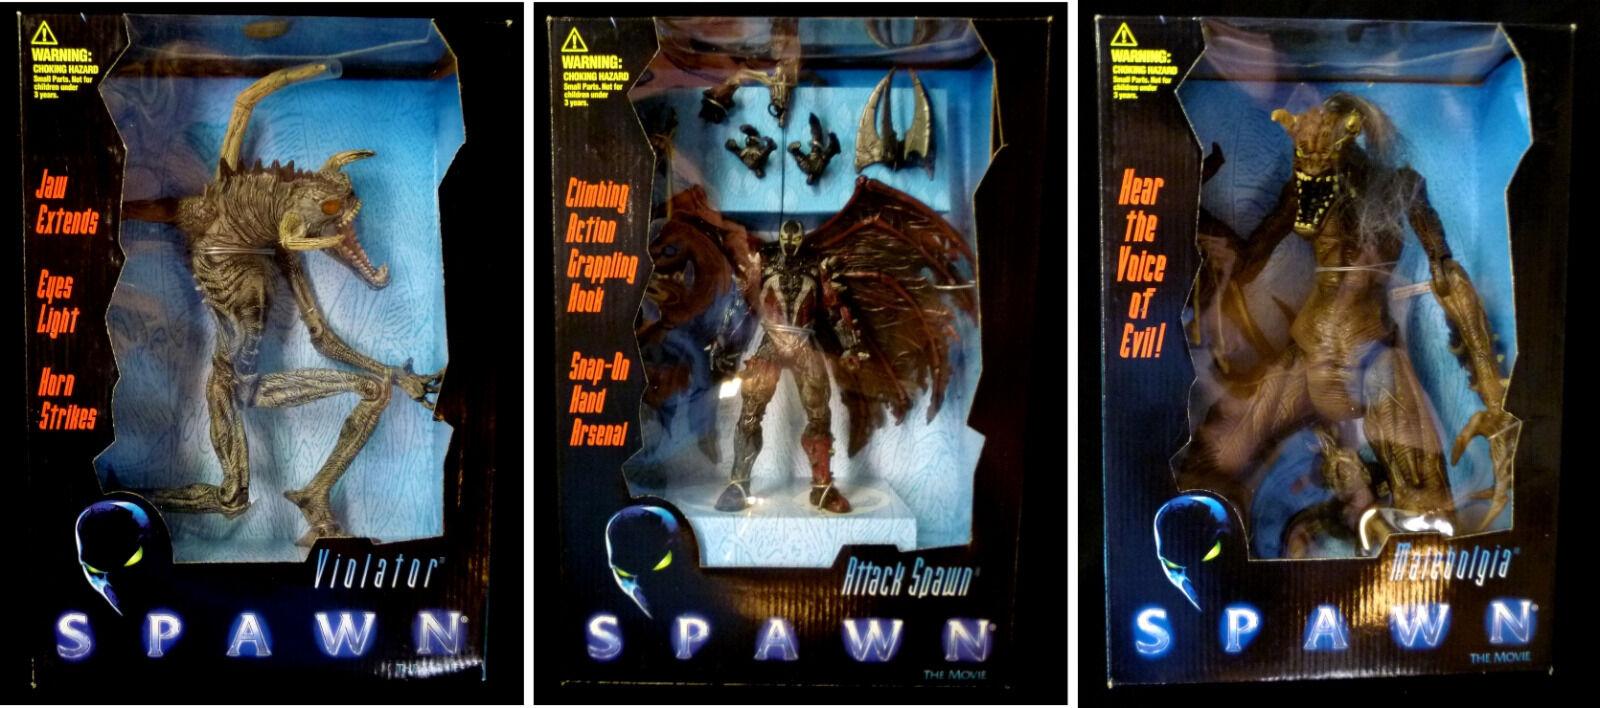 Mcfarlane spielzeug brut film deluxe boxed action - figur hat 3 neue von 1997